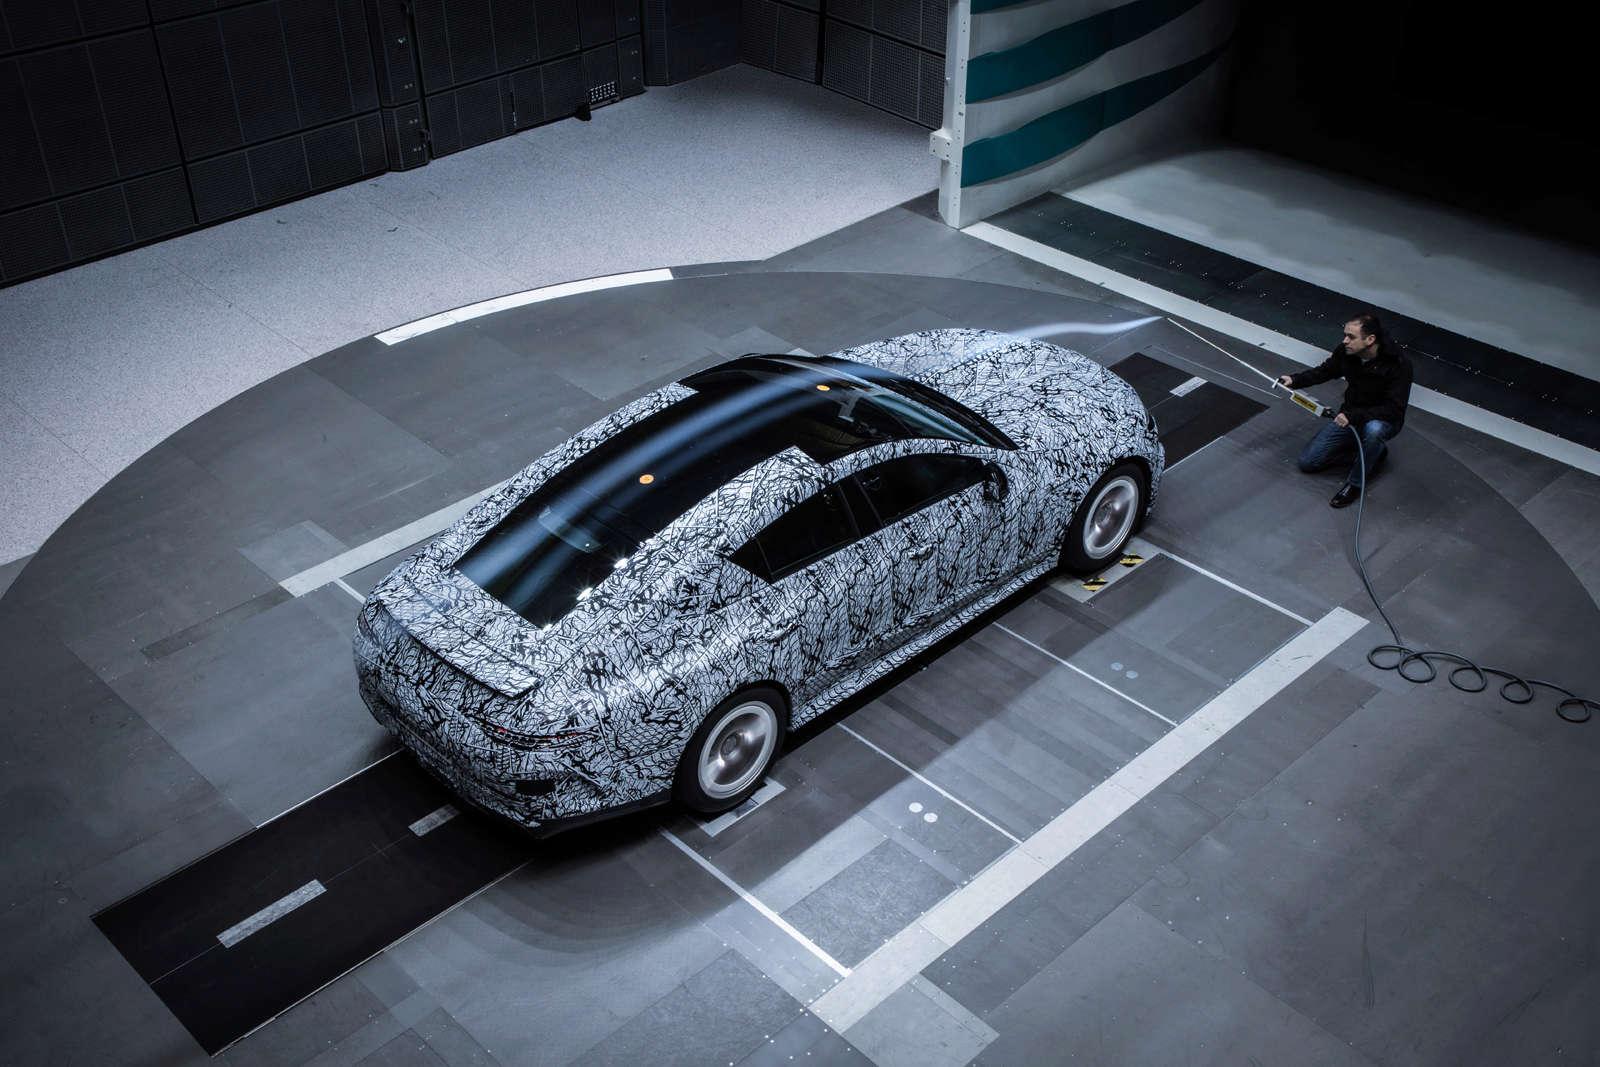 (X290): Fotos da Mercedes-AMG GT4 em testes no túnel de vento C1723610